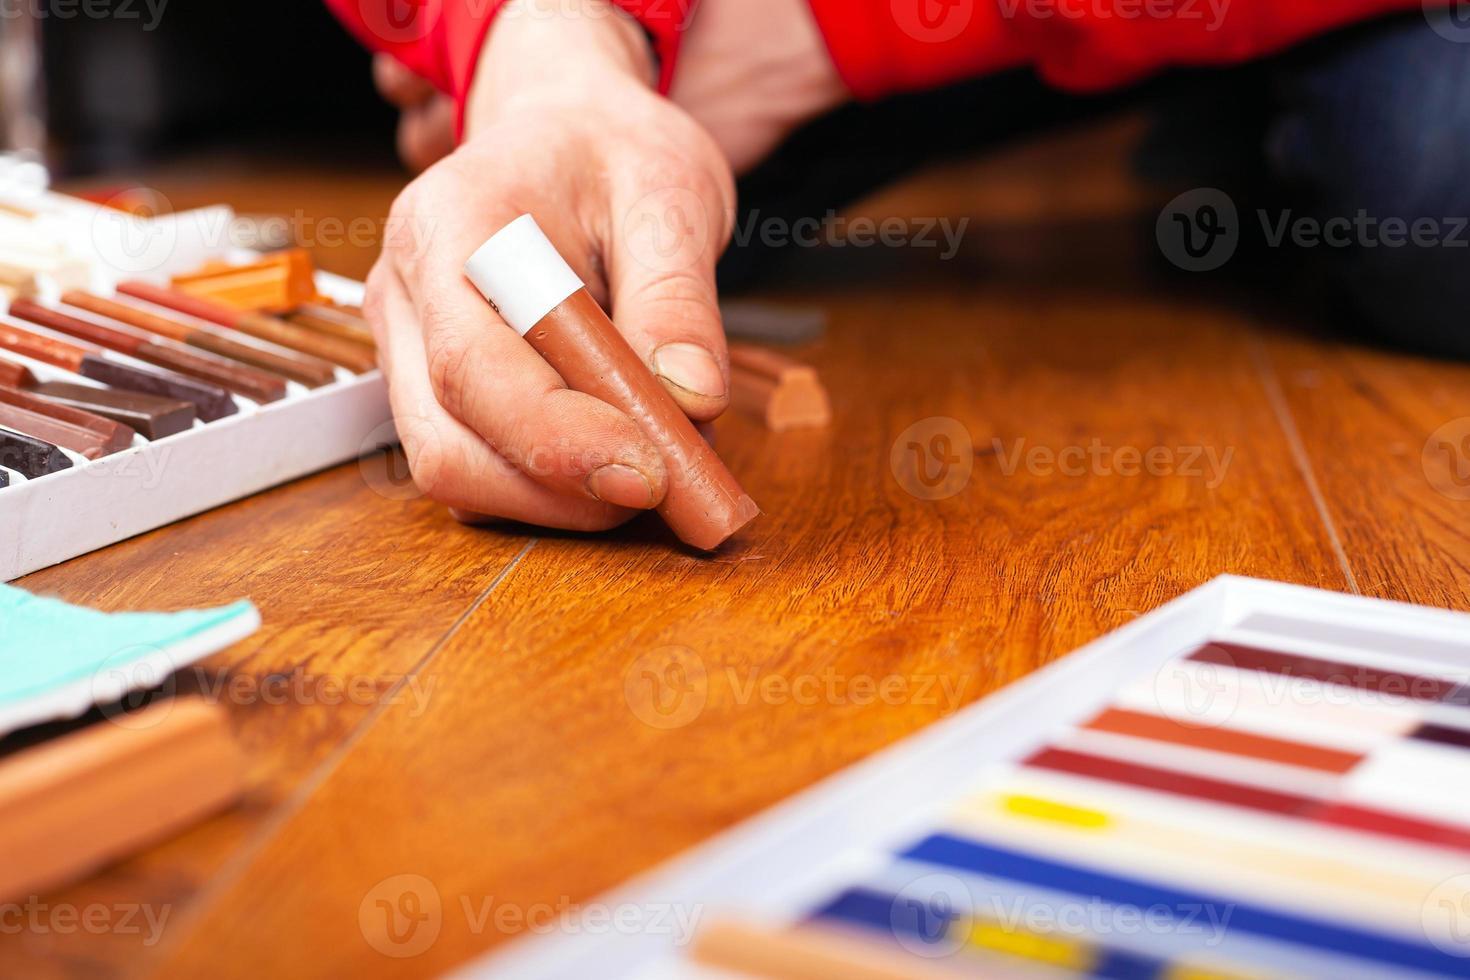 delicato restauro professionale di parquet, laminato con matita a cera foto